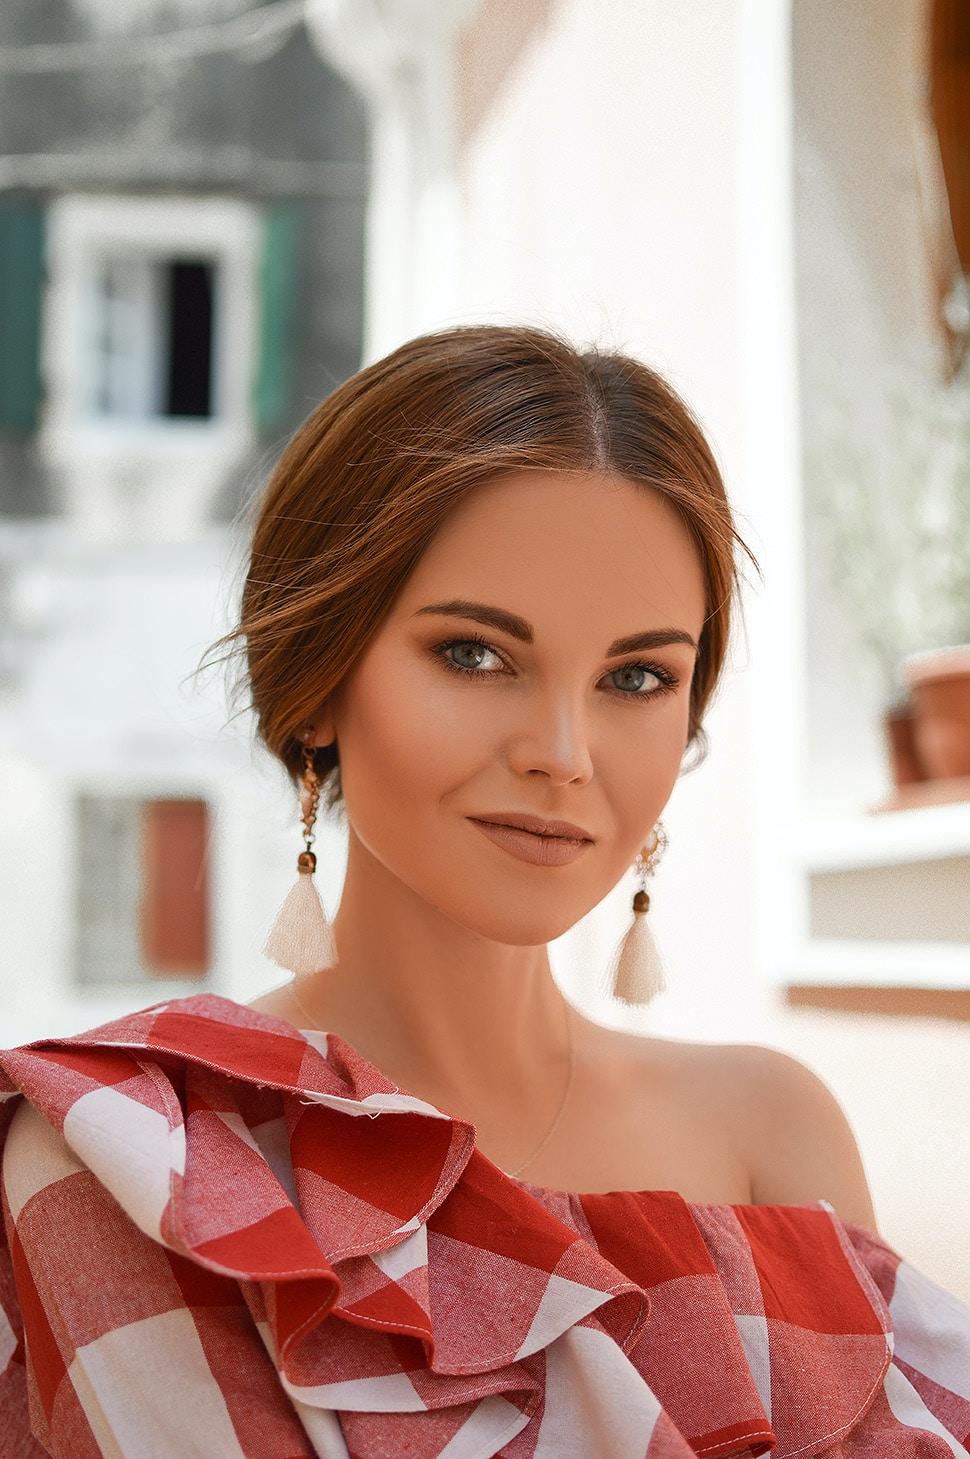 Tamara Bellis